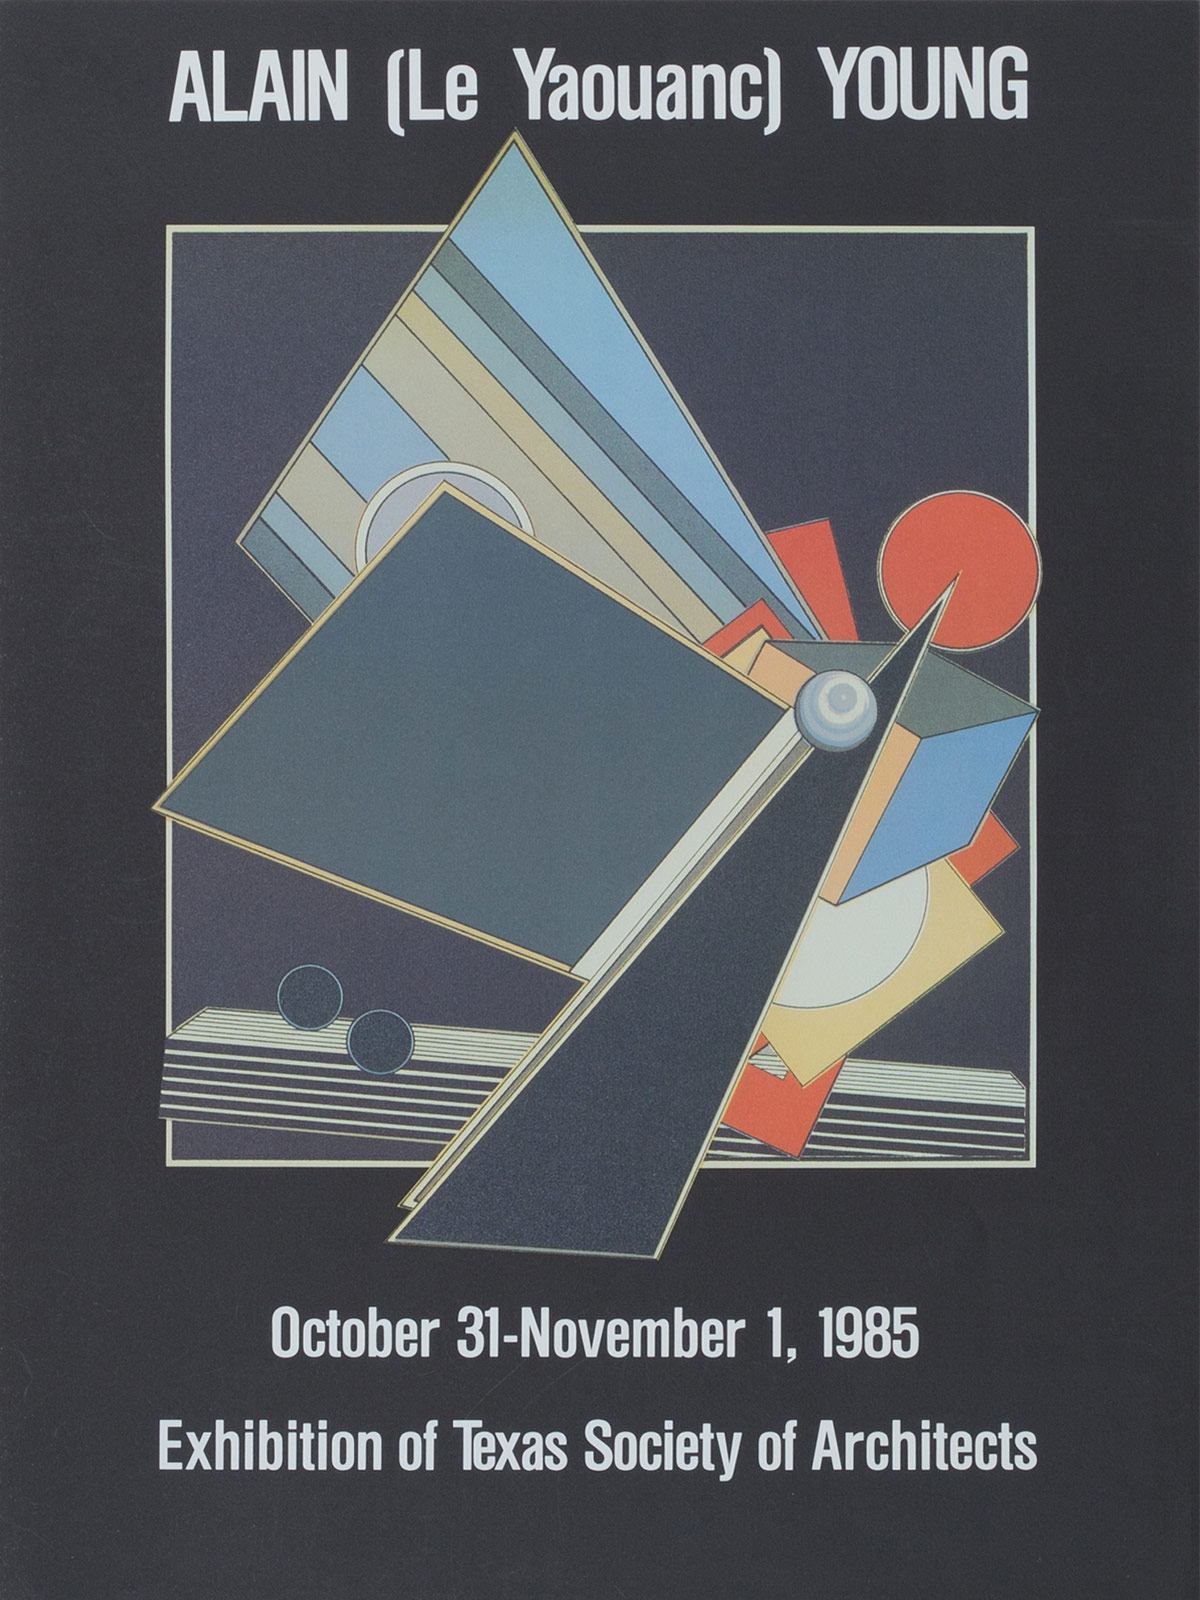 Exposition à la Texas Society of Architects, à Dallas, les 31 octobre et 1er novembre 1985. Archives Le Yaouanc. Photo: Luc Delaborde